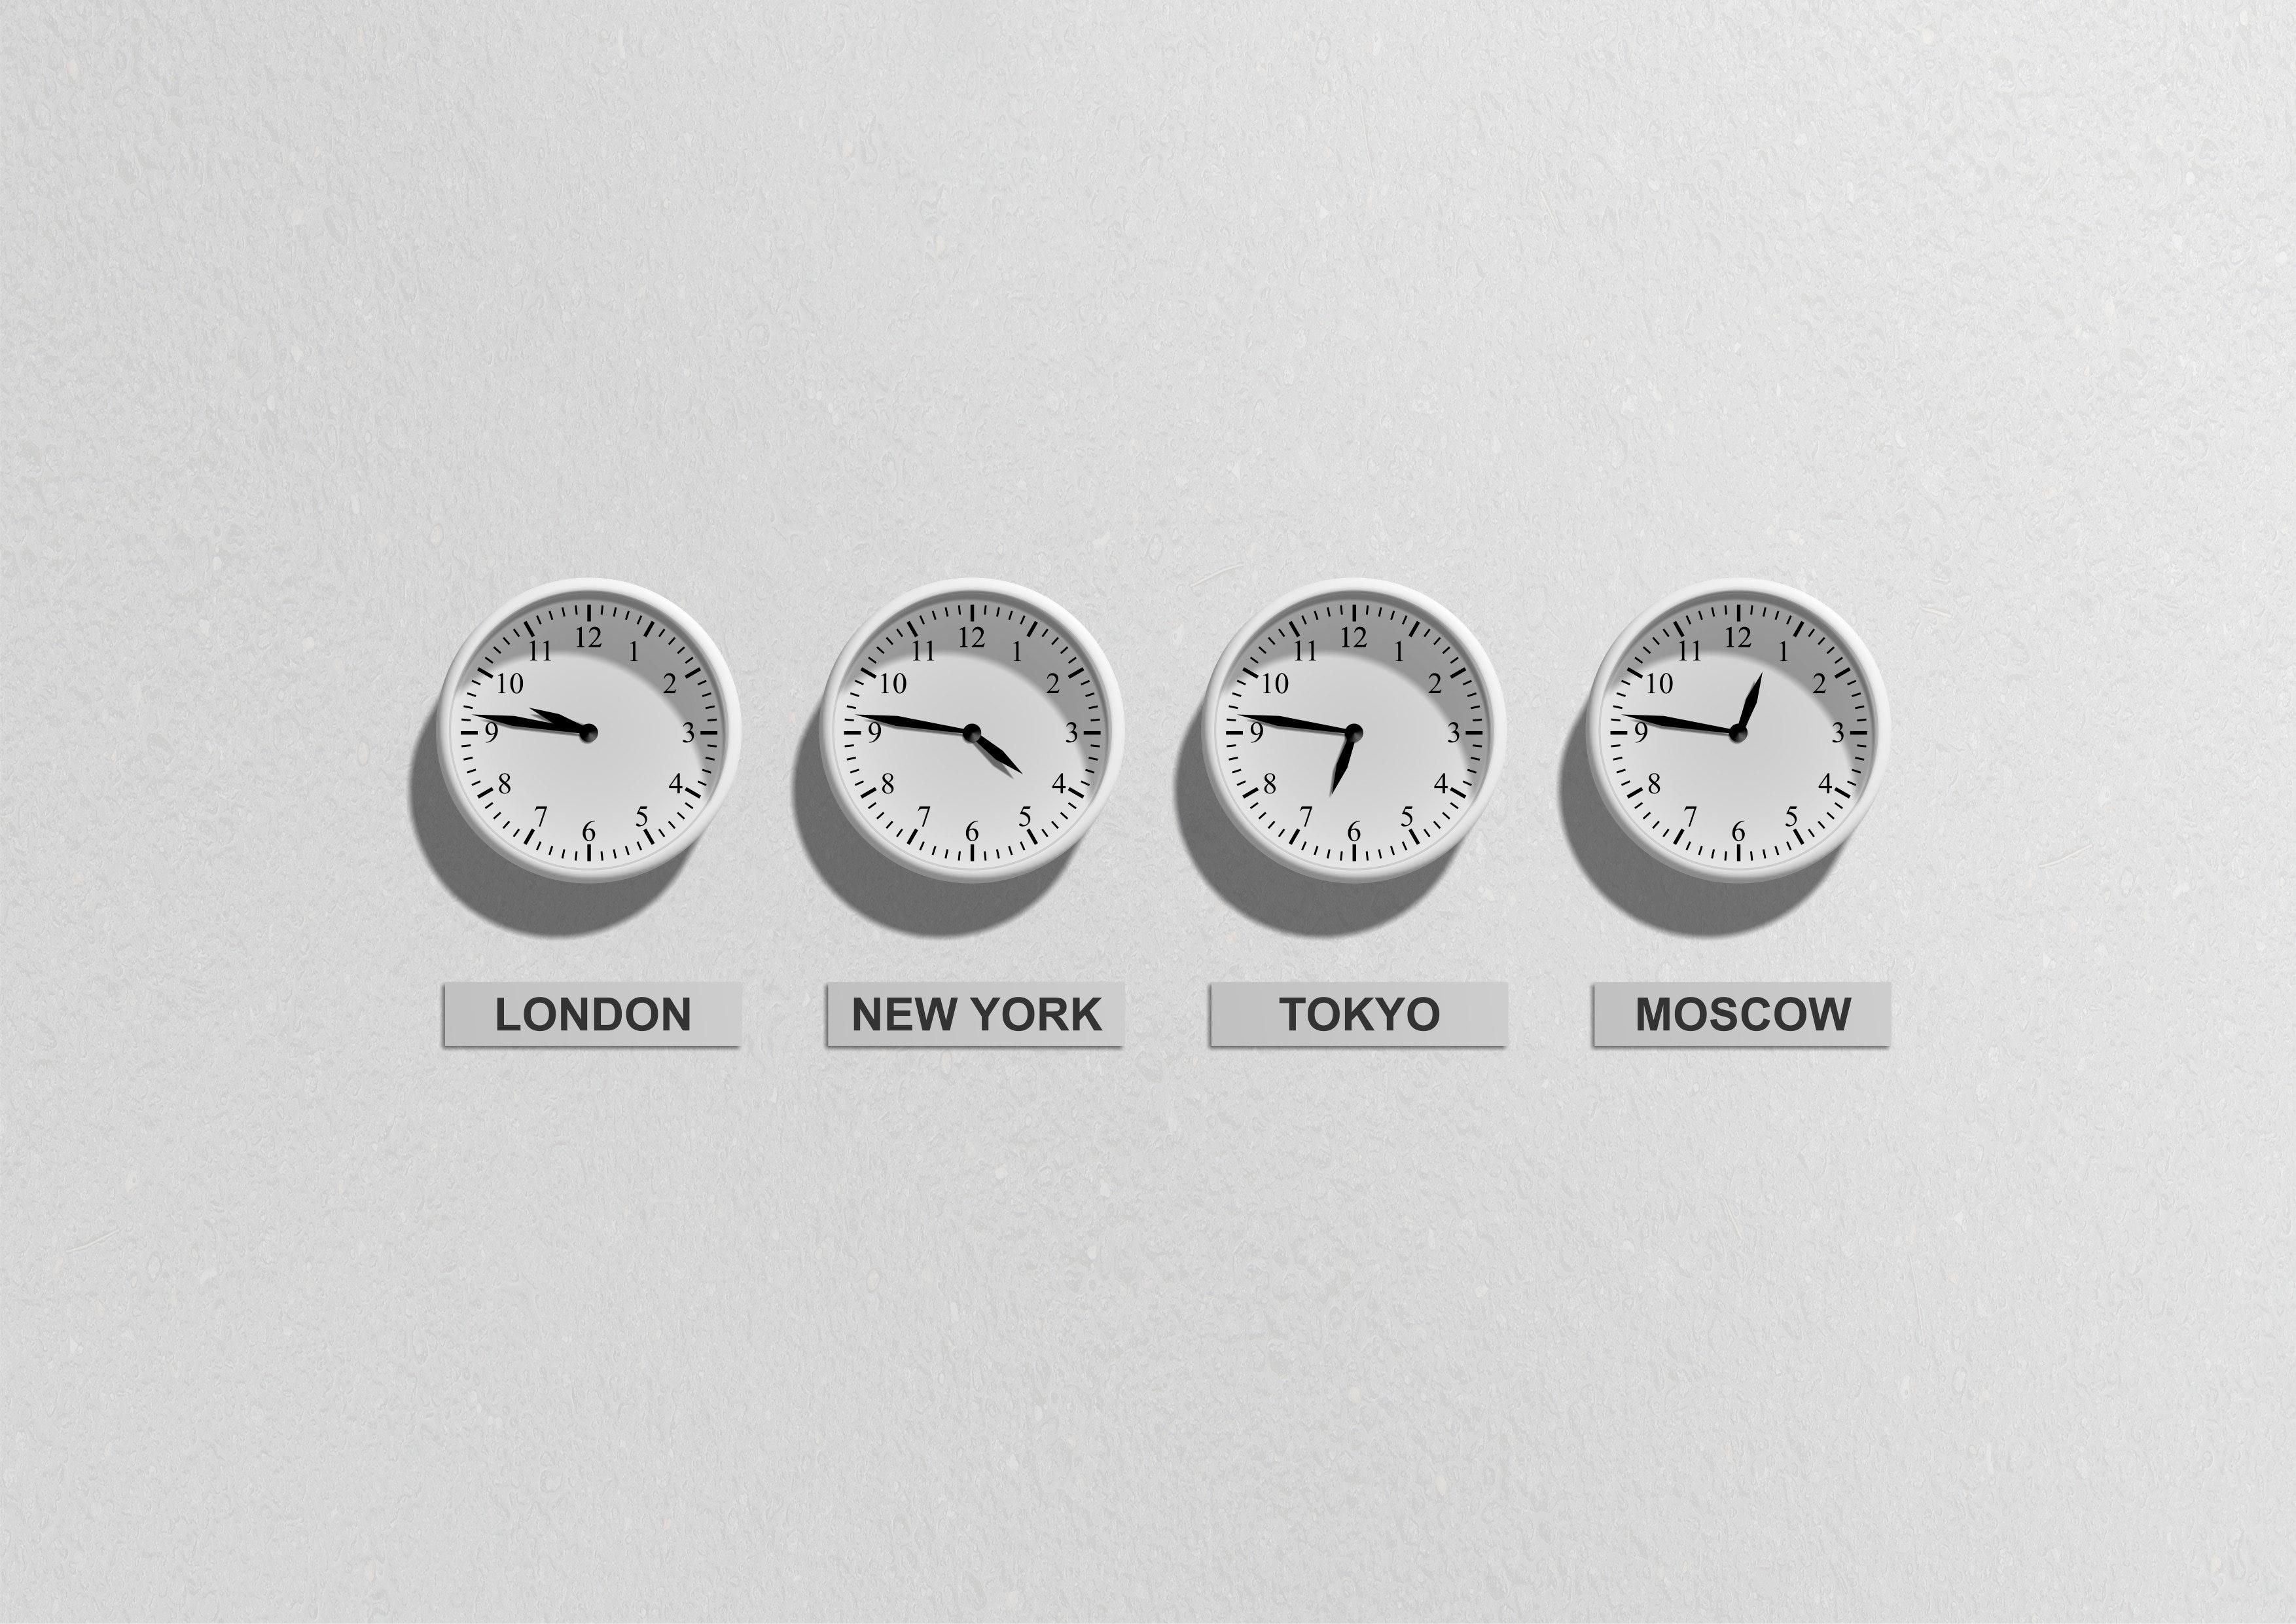 Paese più fuso orario